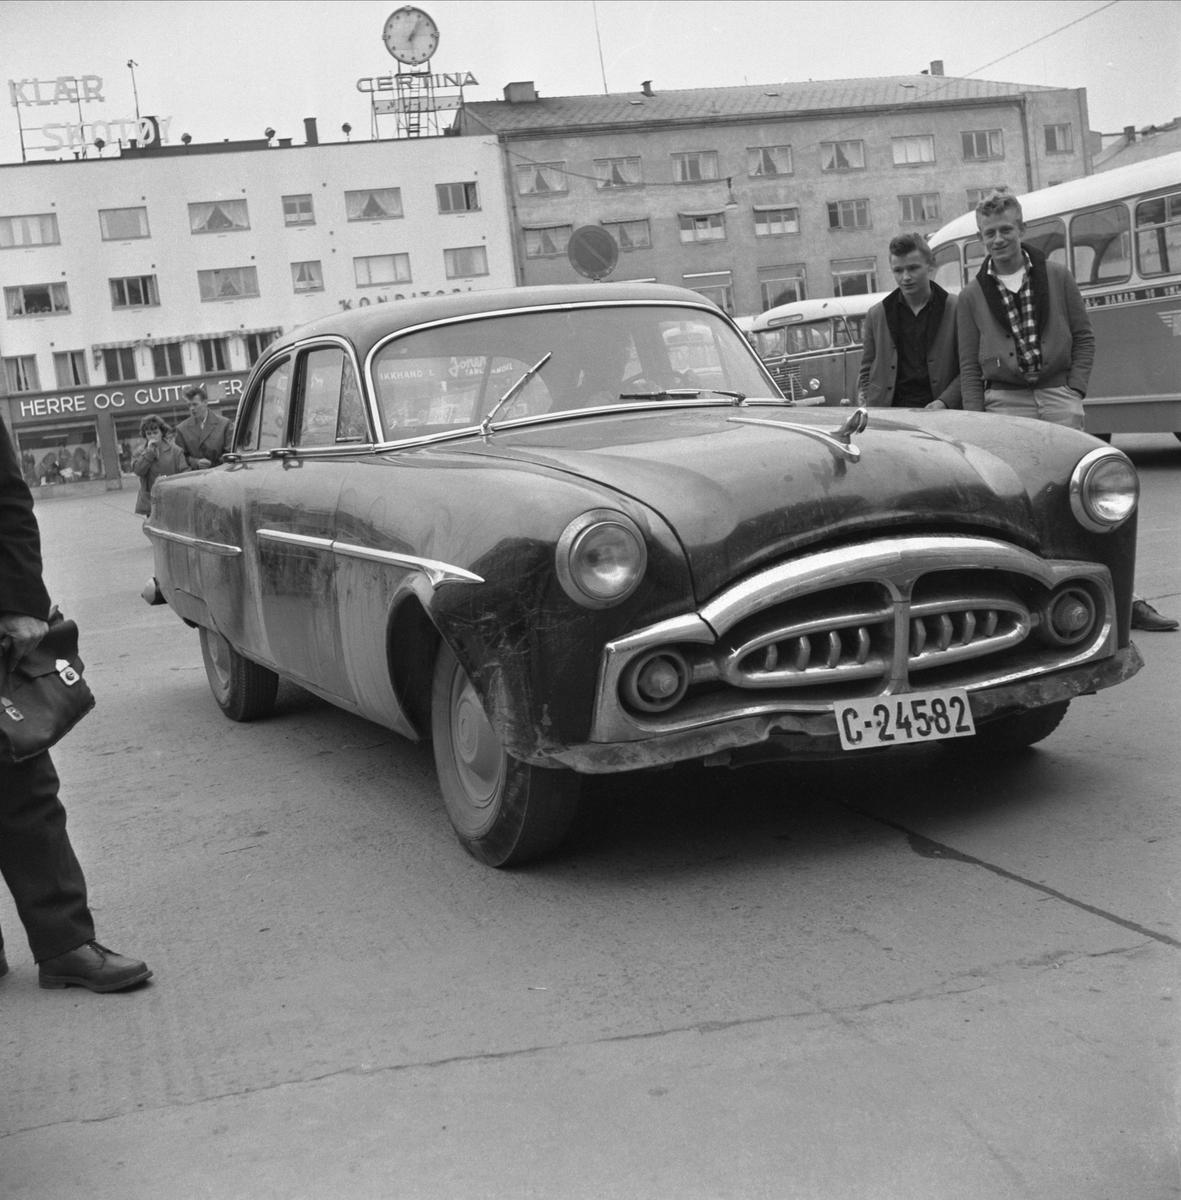 """""""DOLLARGLIS"""" C-24582 PÅ ØSTRE TORG, HAMAR. KNUT LANGDALEN OG GUNNAR JENSEN BEUNDRER BILEN. SE BOKA PÅ ET HUNDREDELS SEKUND, LØTEN OG OMEGN 1957-1964 I ORD OG BILDER AV HELGE REISTAD S. 225.  Bilen er en Packard årsmodell 1952-54."""